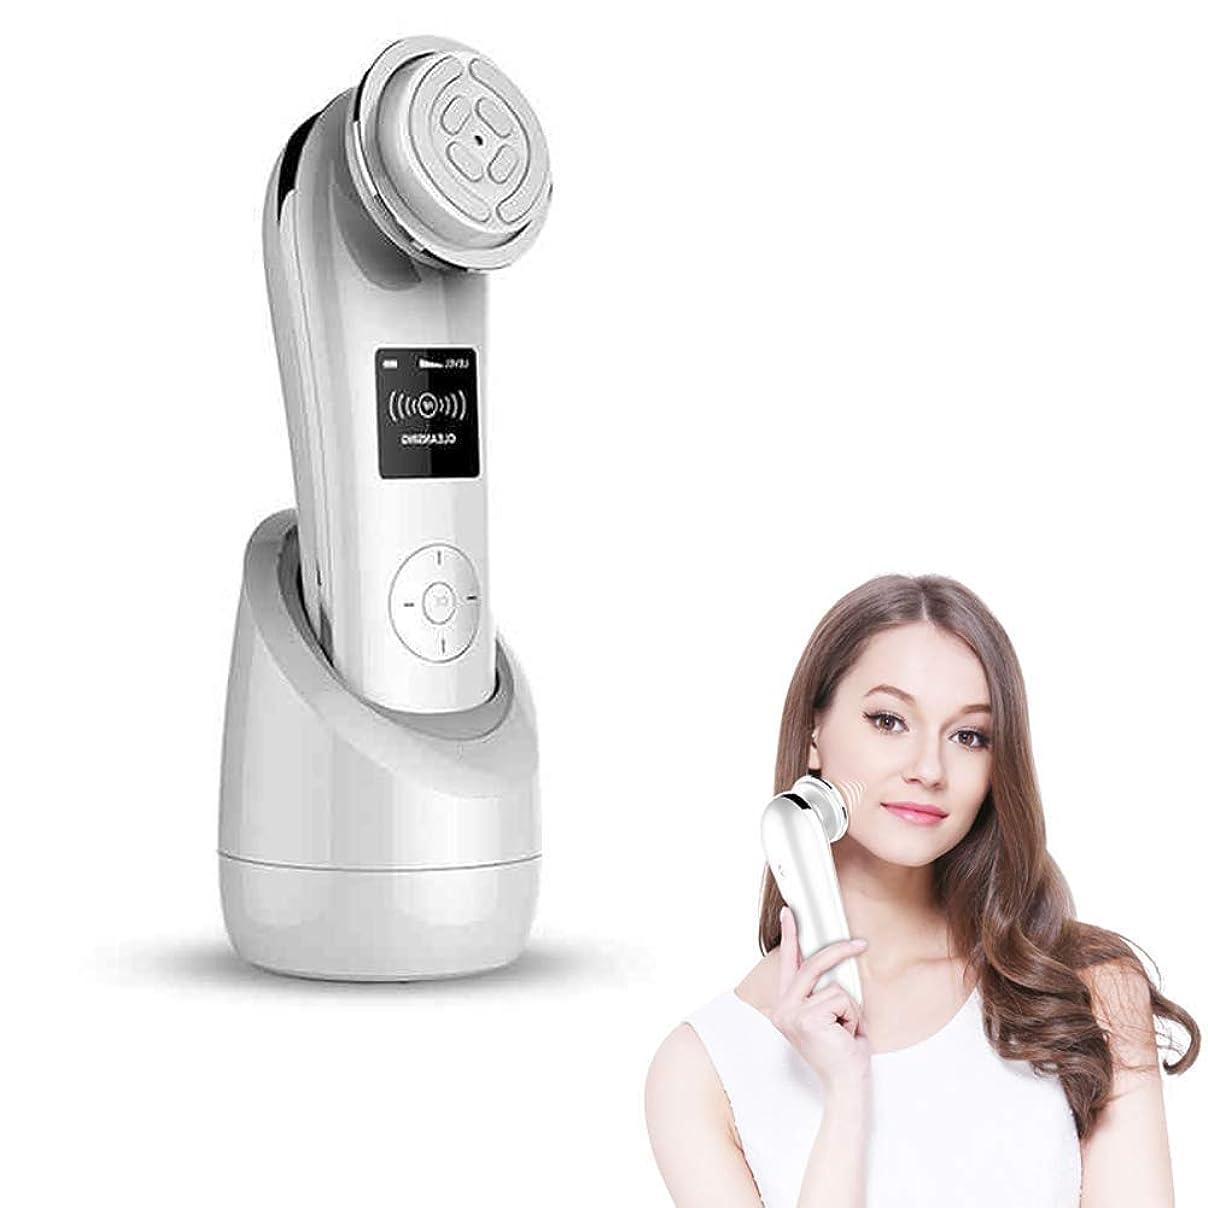 インフレーション章キャンセル美容機EMS LED光子顔リフティング引き締めマッサージ顔RF肌の若返り反年齢ディープクリーニングデバイス